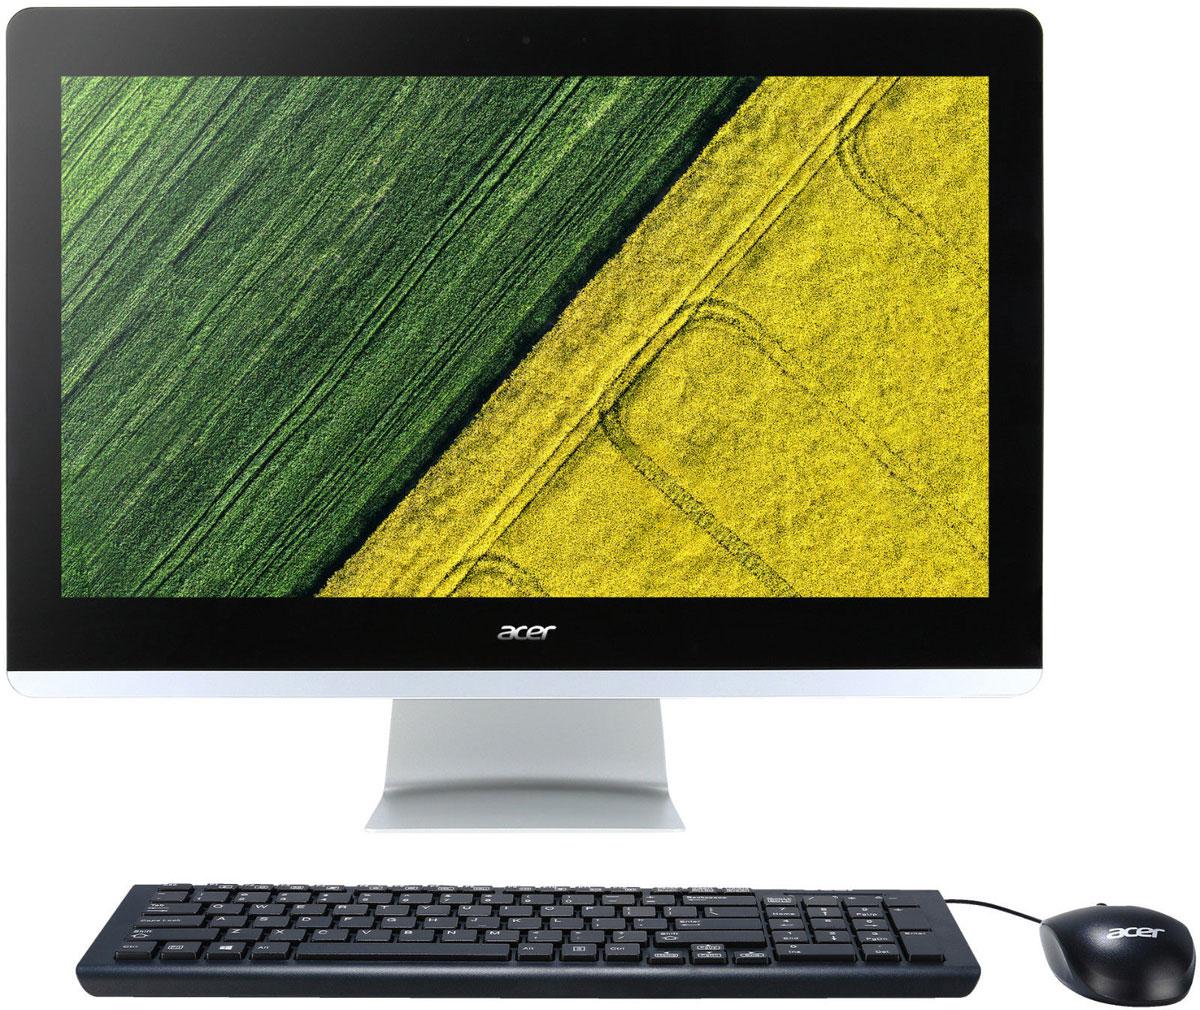 Acer Aspire Z22-780, Black моноблок (DQ.B82ER.009) - Настольные компьютеры и моноблоки